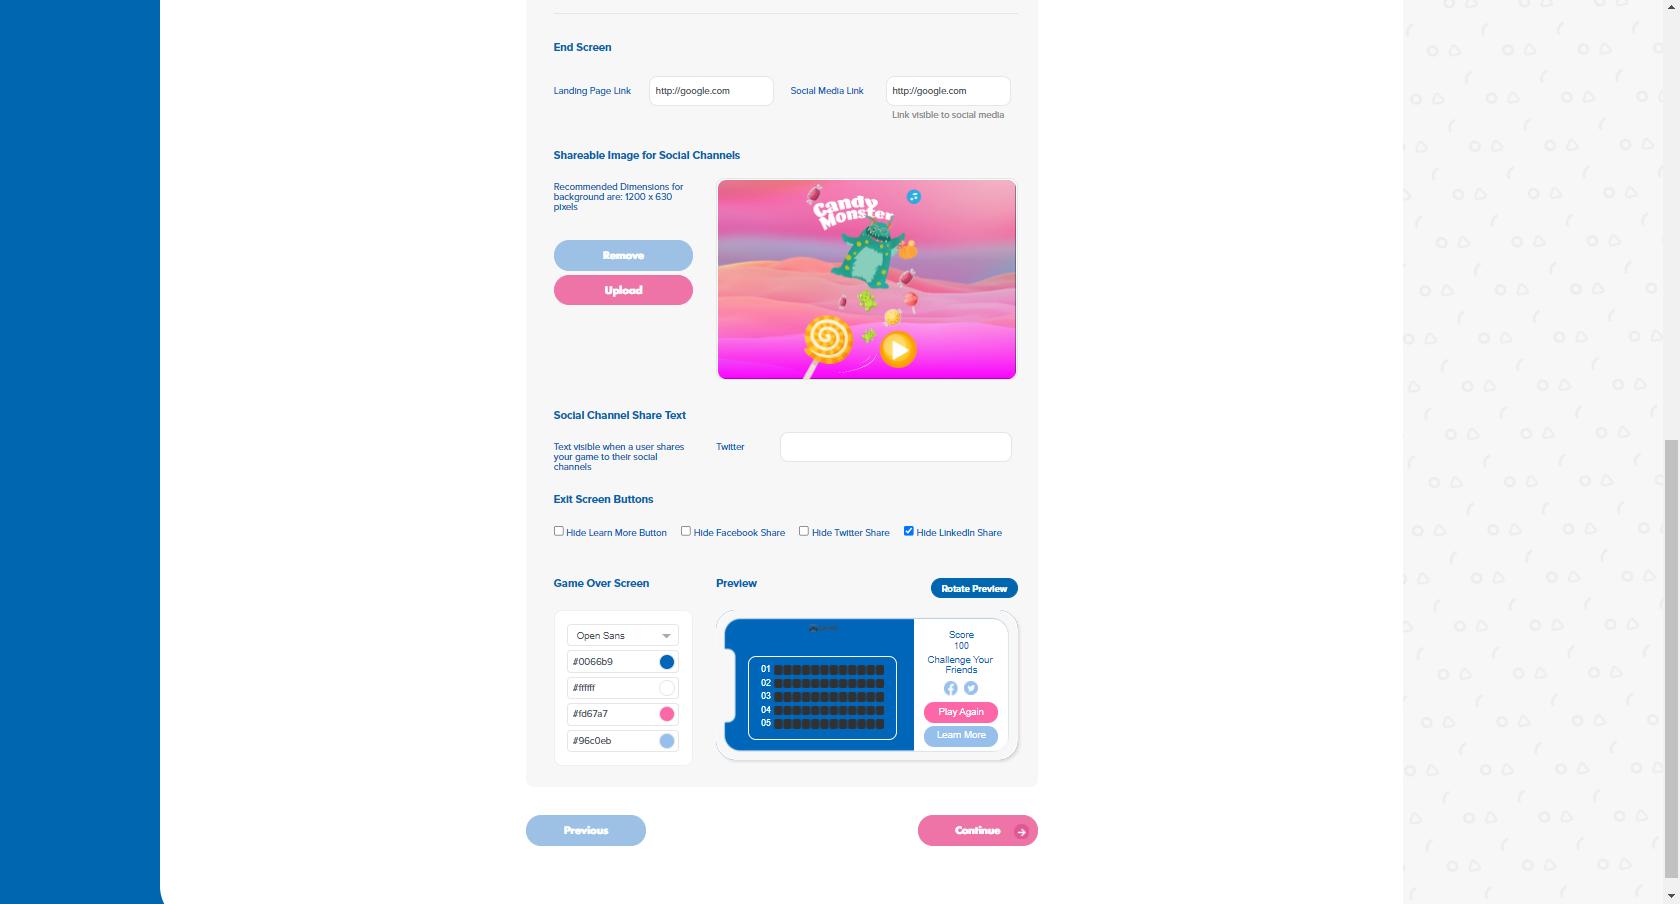 Customize End Screen - Gizmo